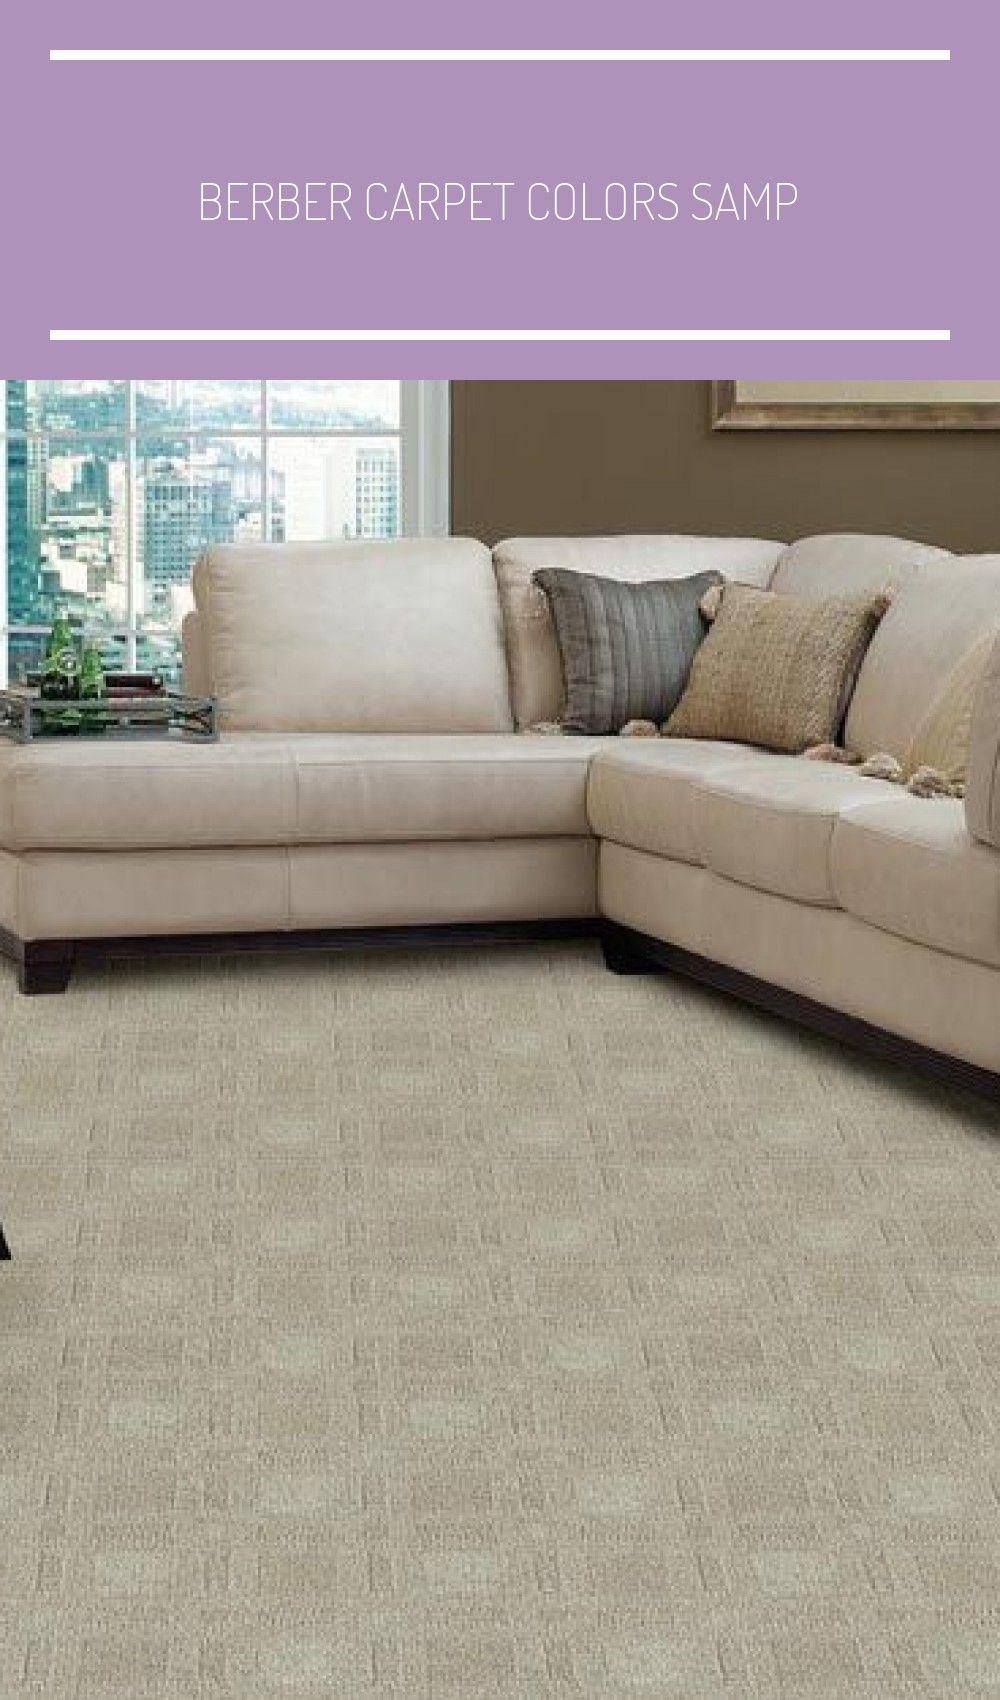 Berber Carpet Colors Samples gray Berber carpet bedroom